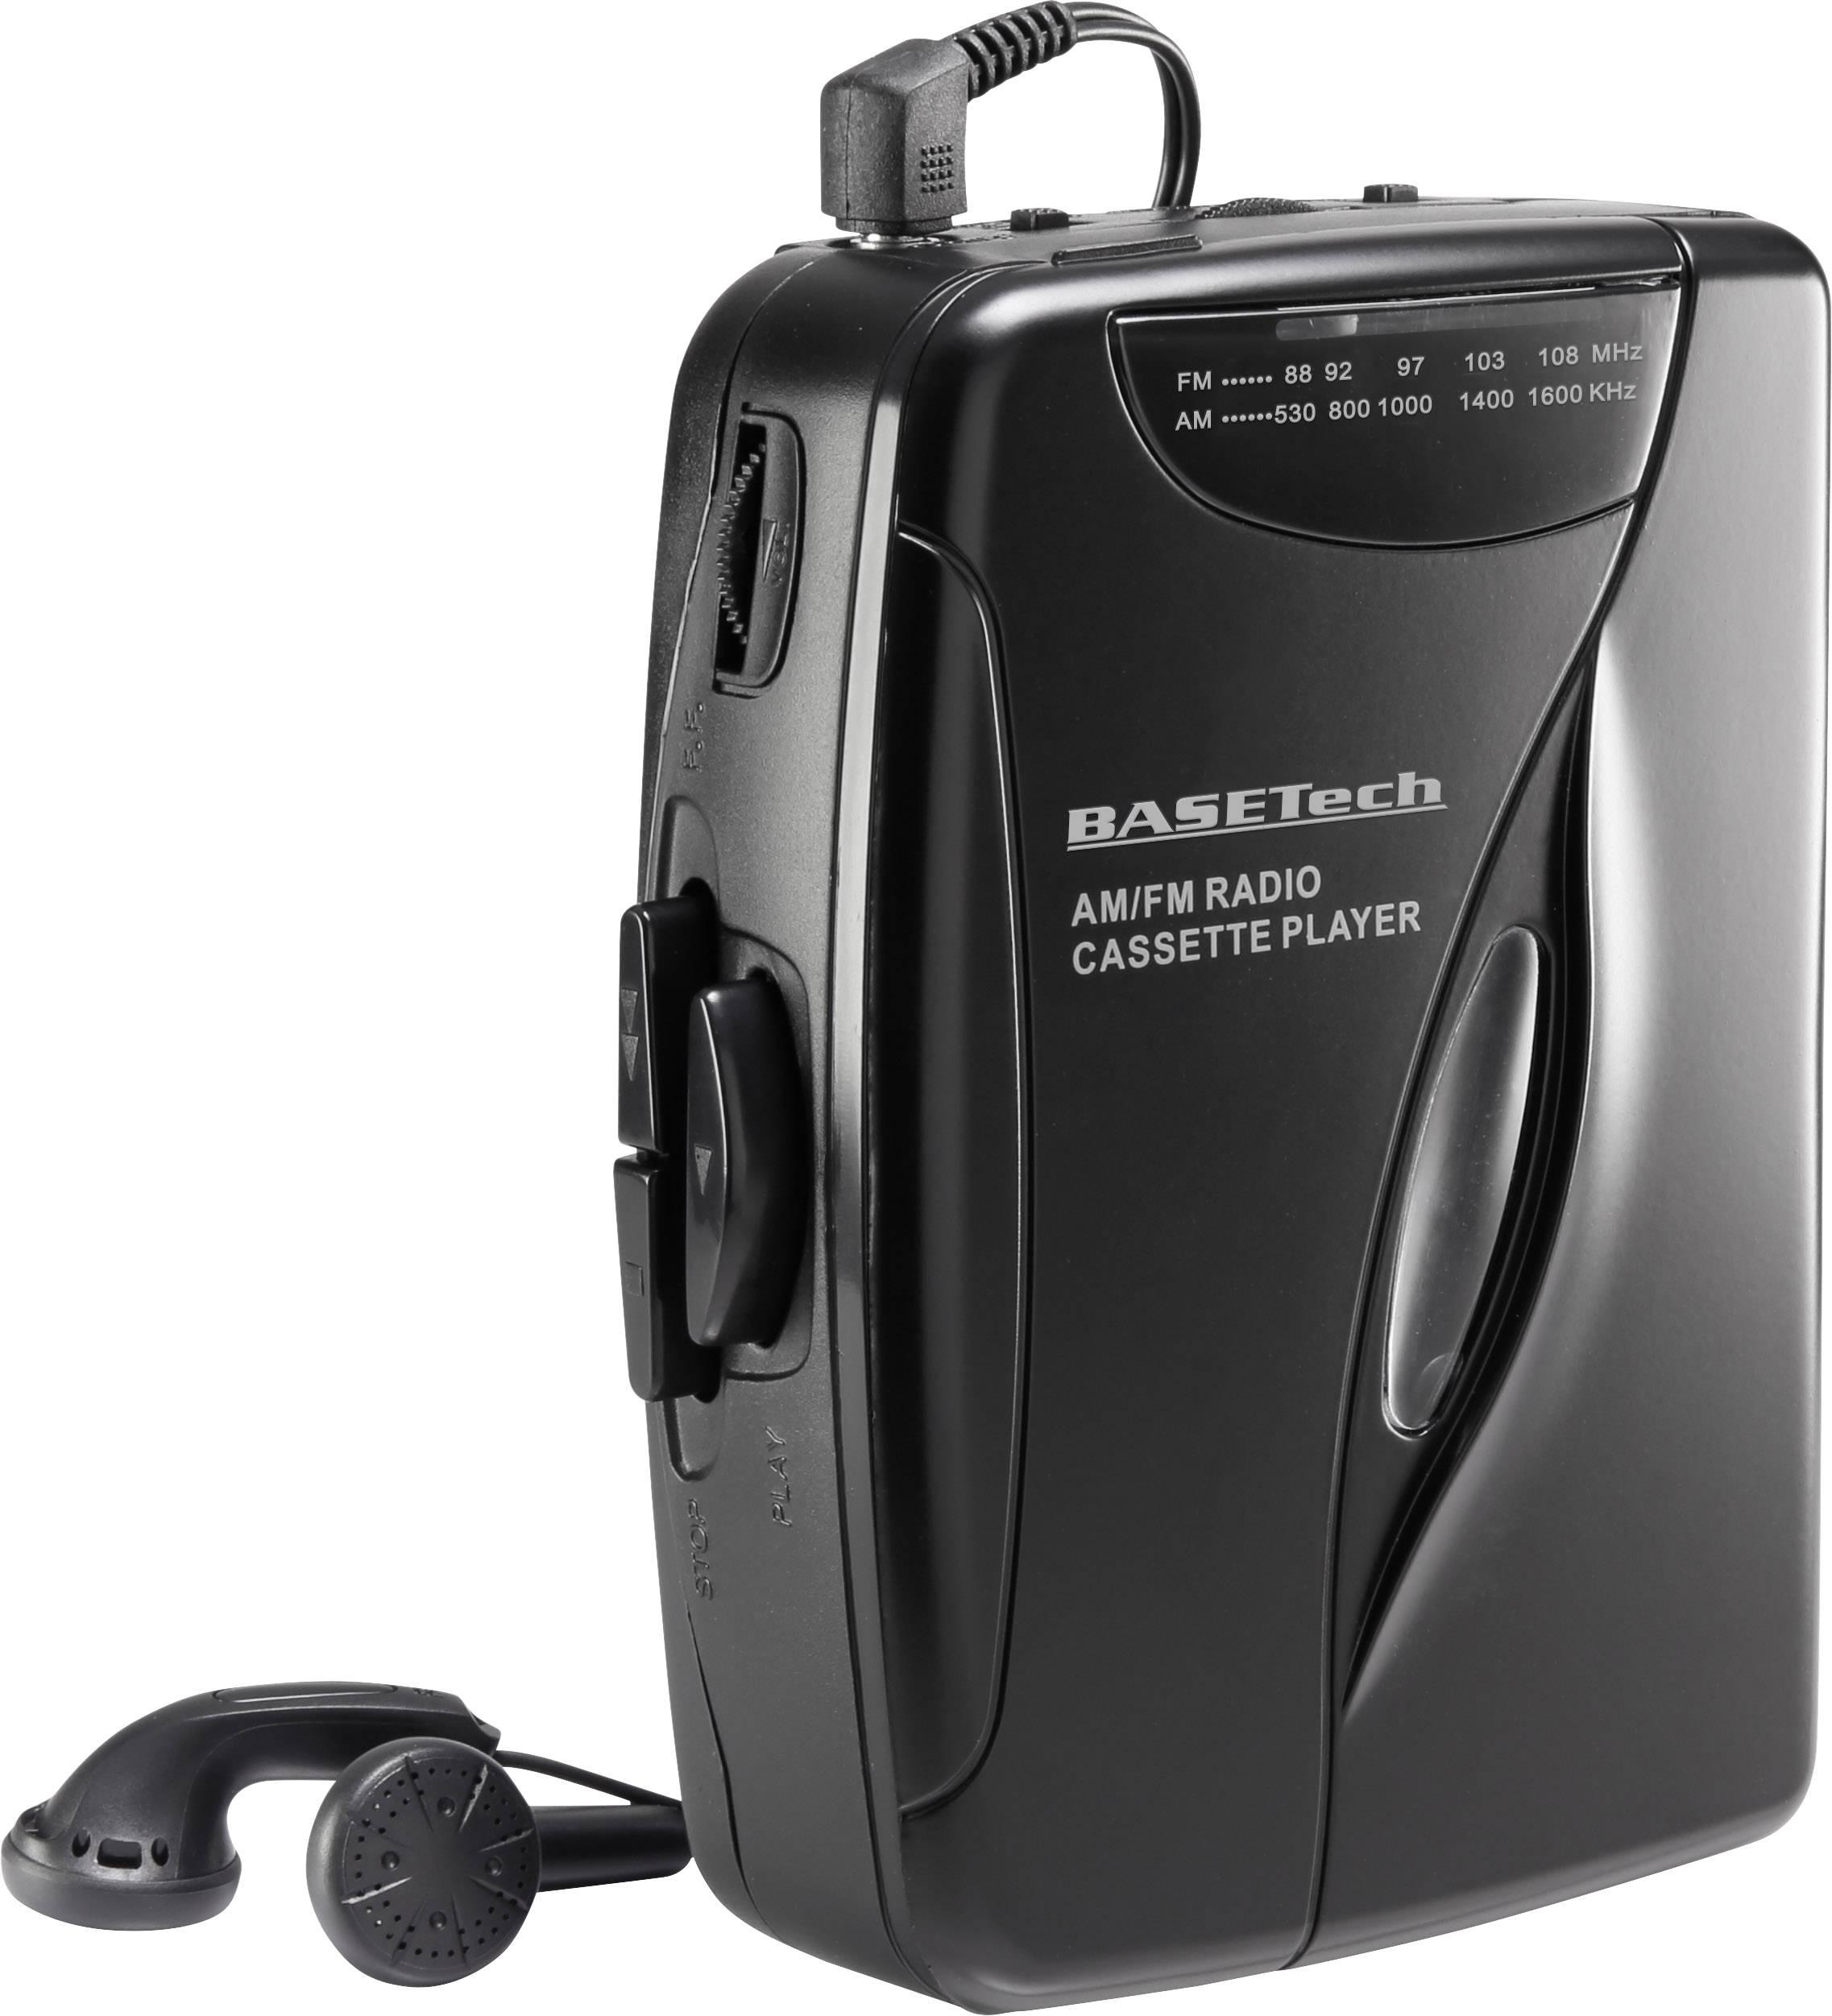 Walkman - přenosný přehrávač kazet s FM rádiem, Basetech KW-118C, černá